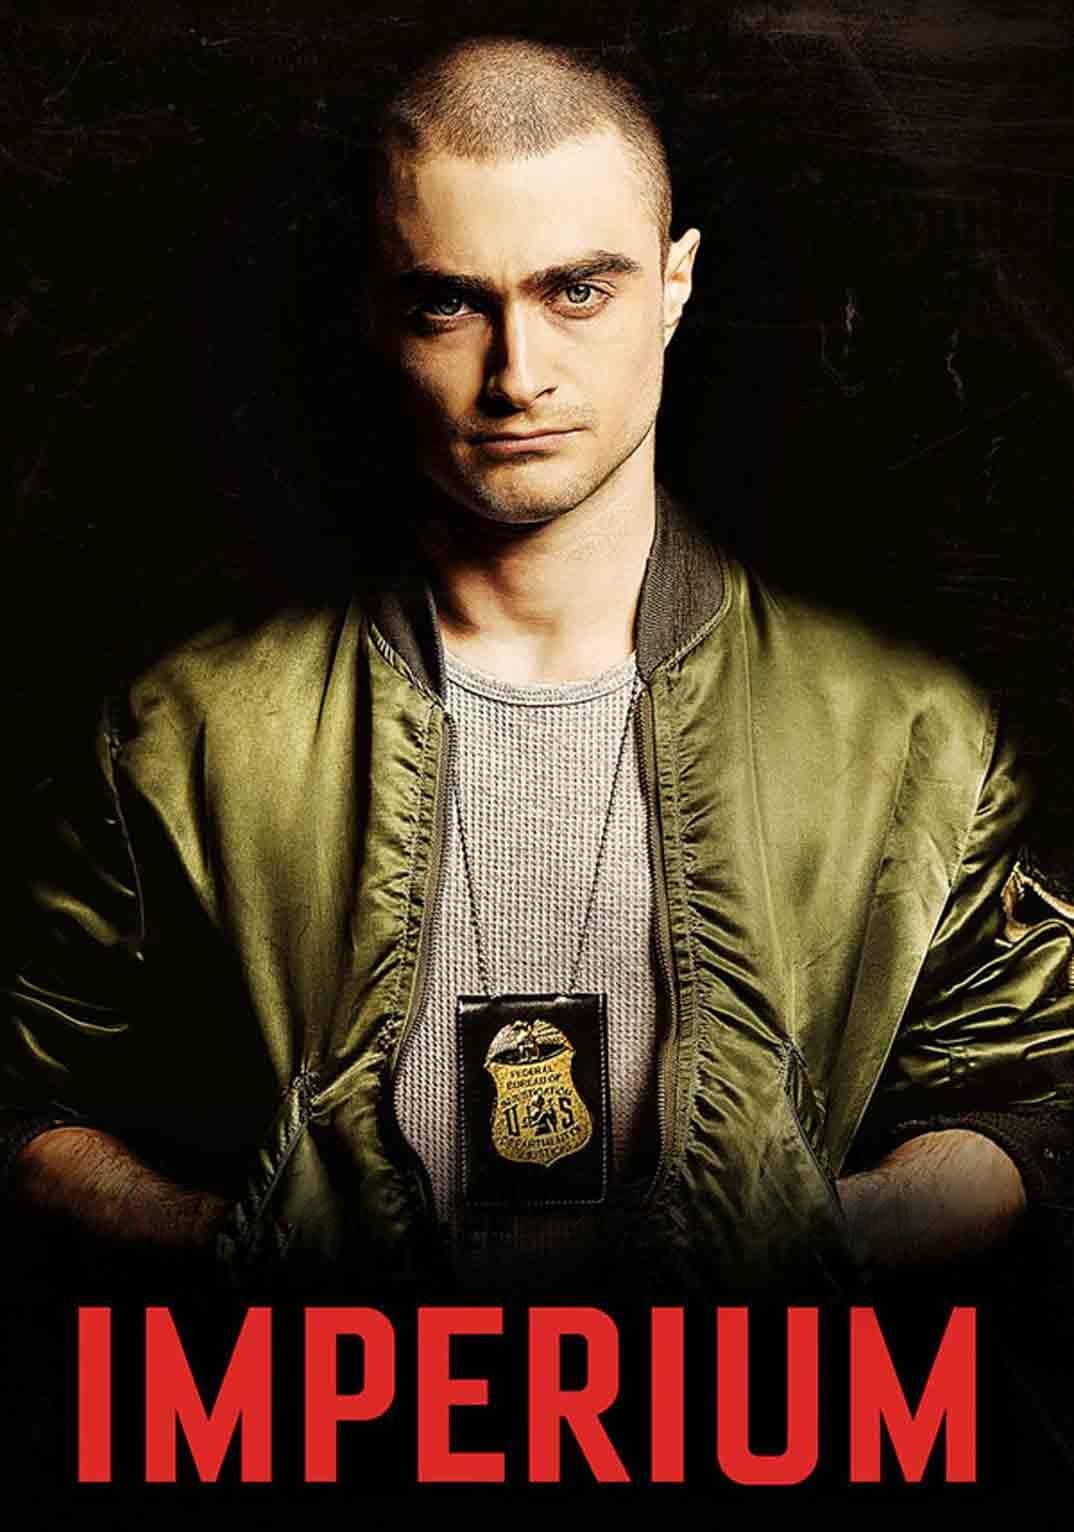 Daniel Radcliffe - Imperium